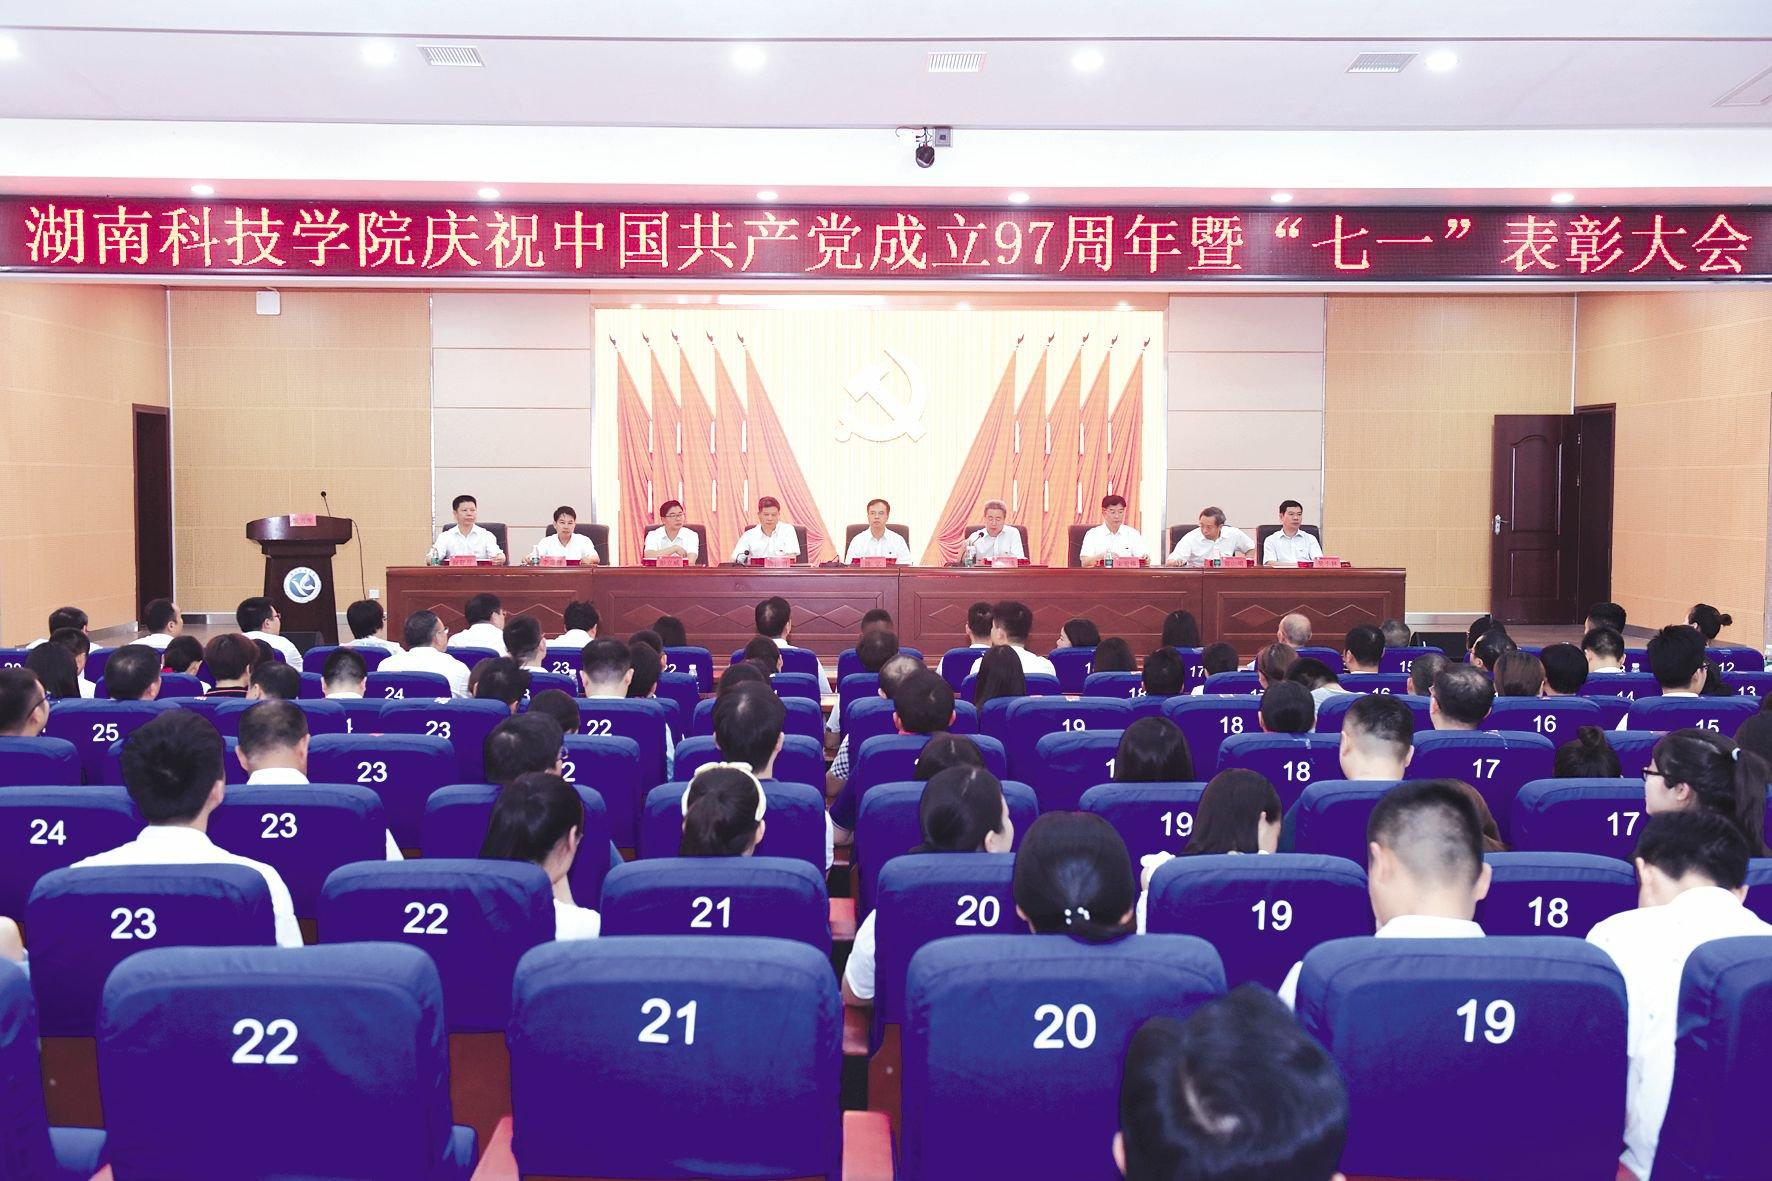 学校召开庆祝中国共产党成立 97 周年暨表彰大会